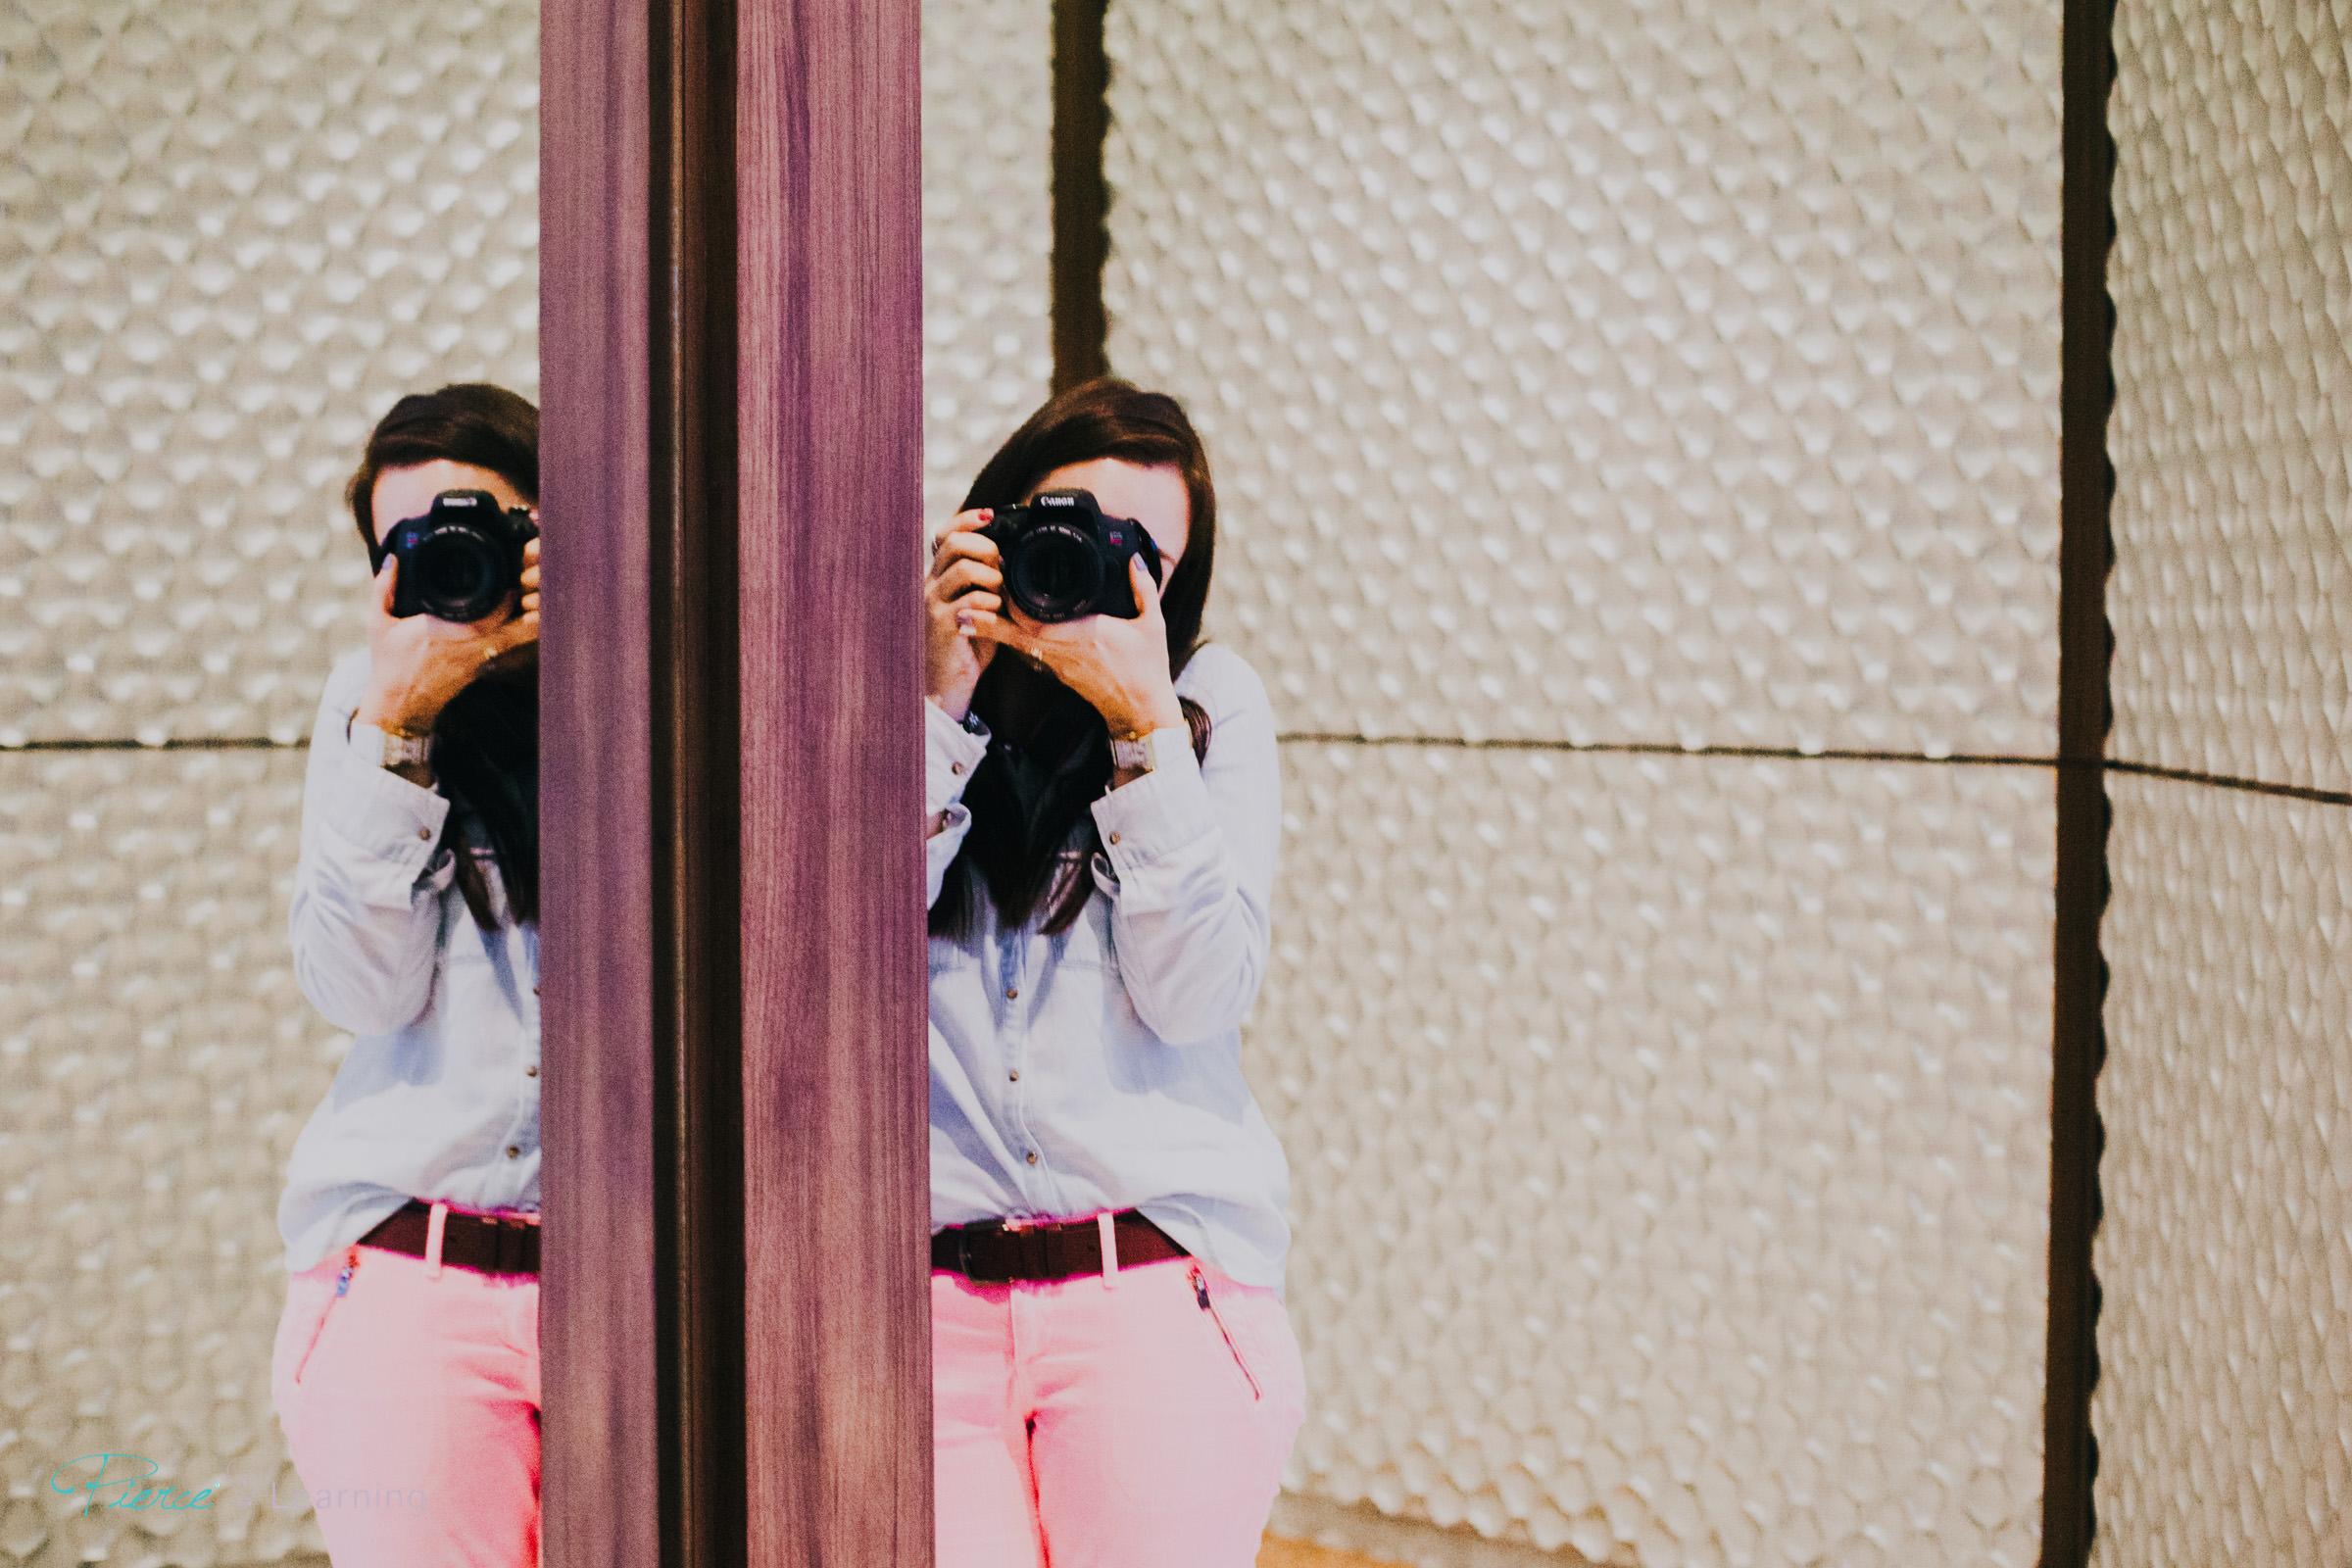 Workshop-Curso-Fotografia-Leon-Guanajuato-Mexico-Pierce-58.jpg